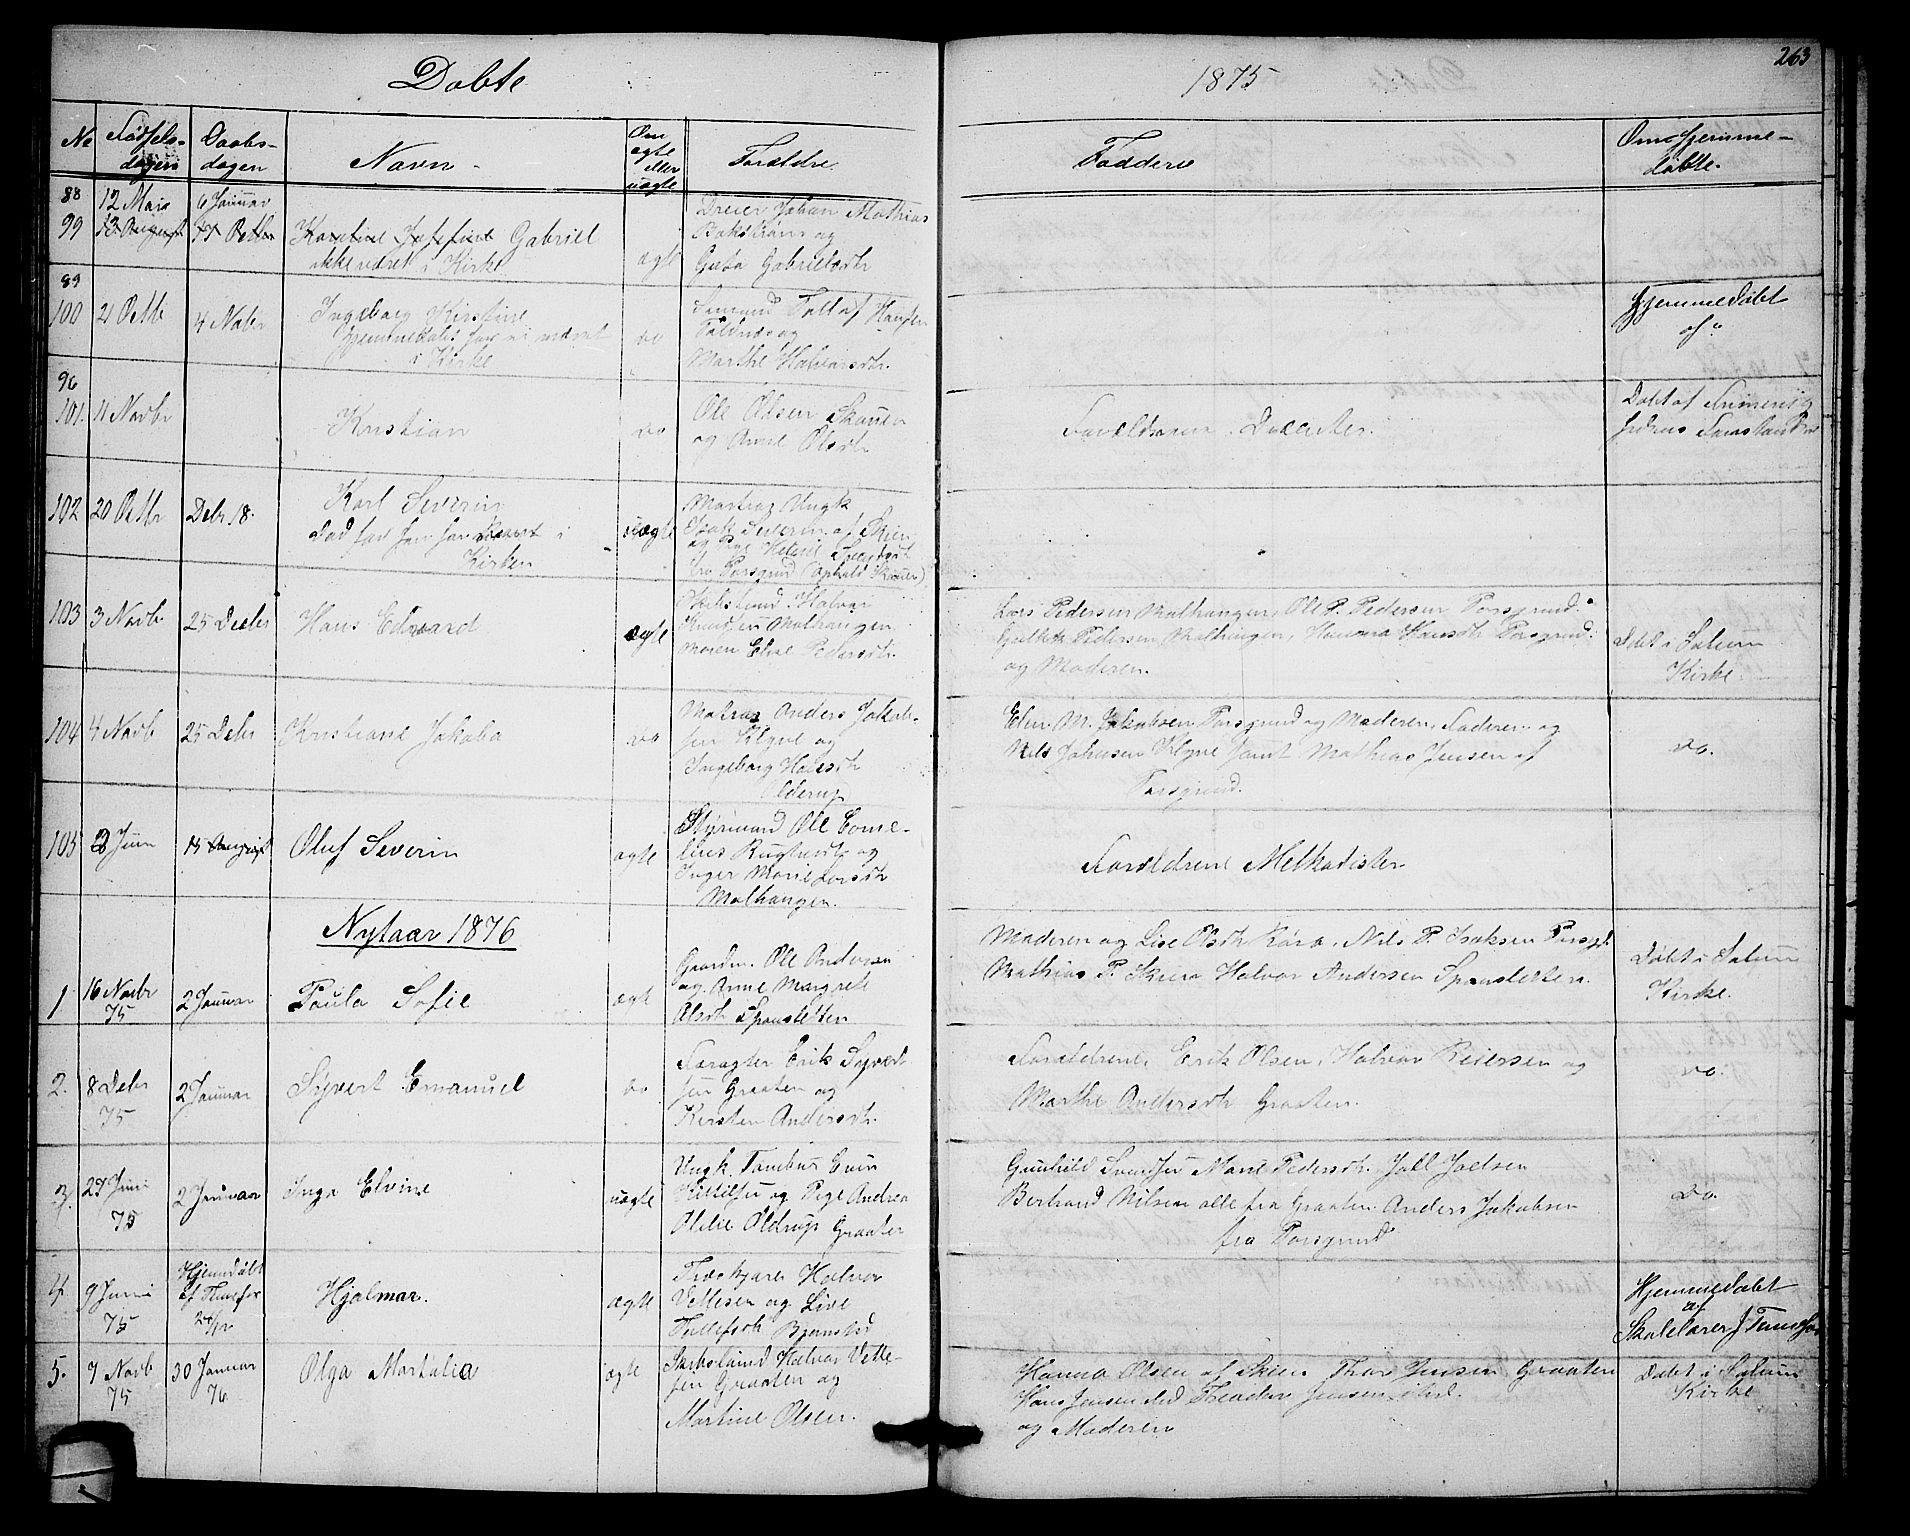 SAKO, Solum kirkebøker, G/Ga/L0004: Klokkerbok nr. I 4, 1859-1876, s. 263